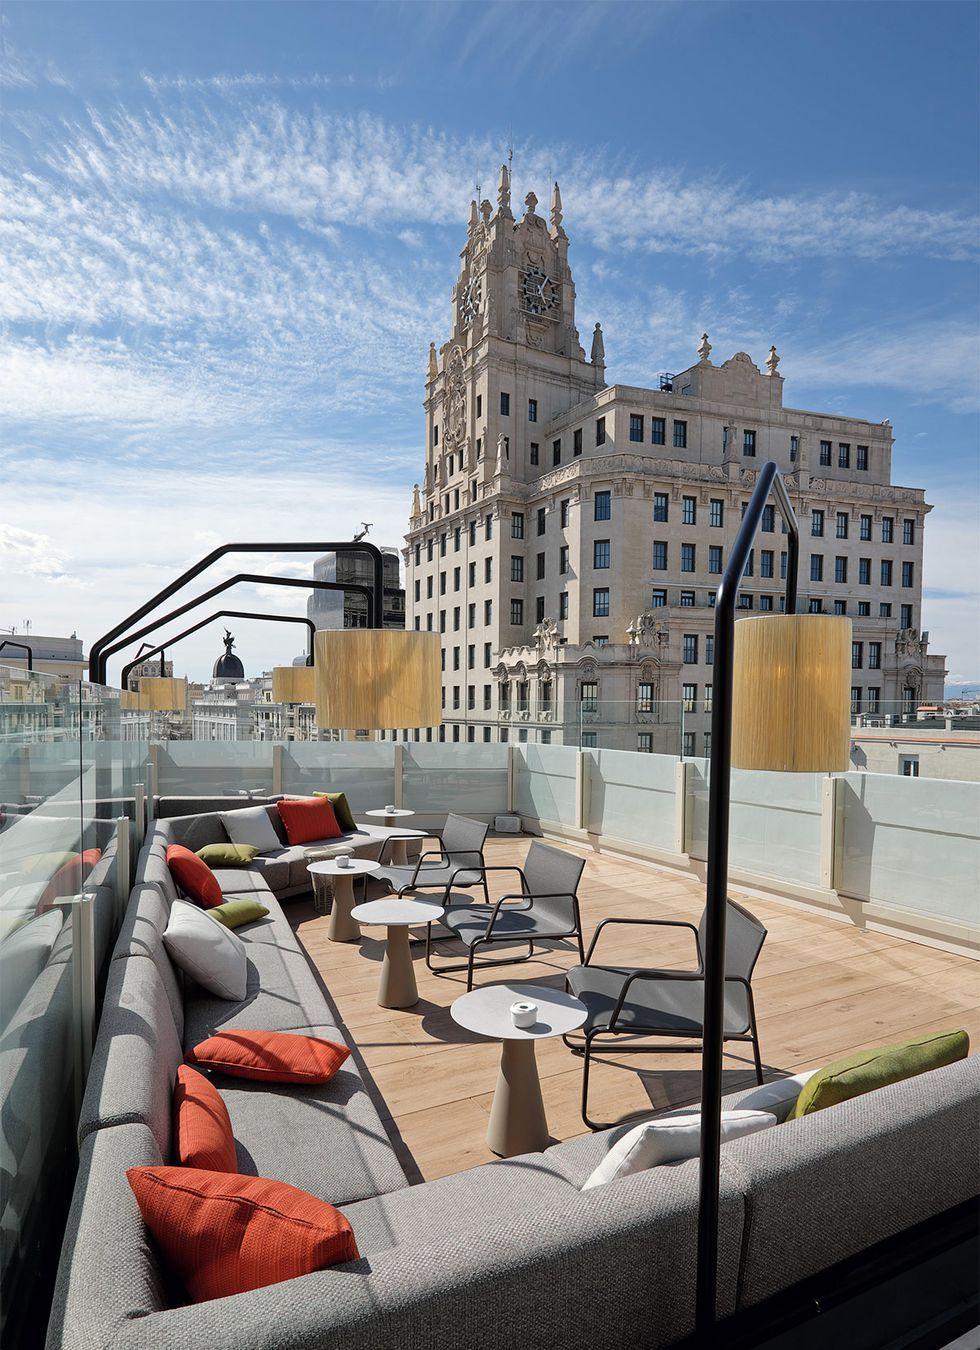 Estas Terrazas En Las Alturas De Madrid Tienen Unas Vistas Para Comerselas Terrazas Madrid Azoteas Madrid Vistas